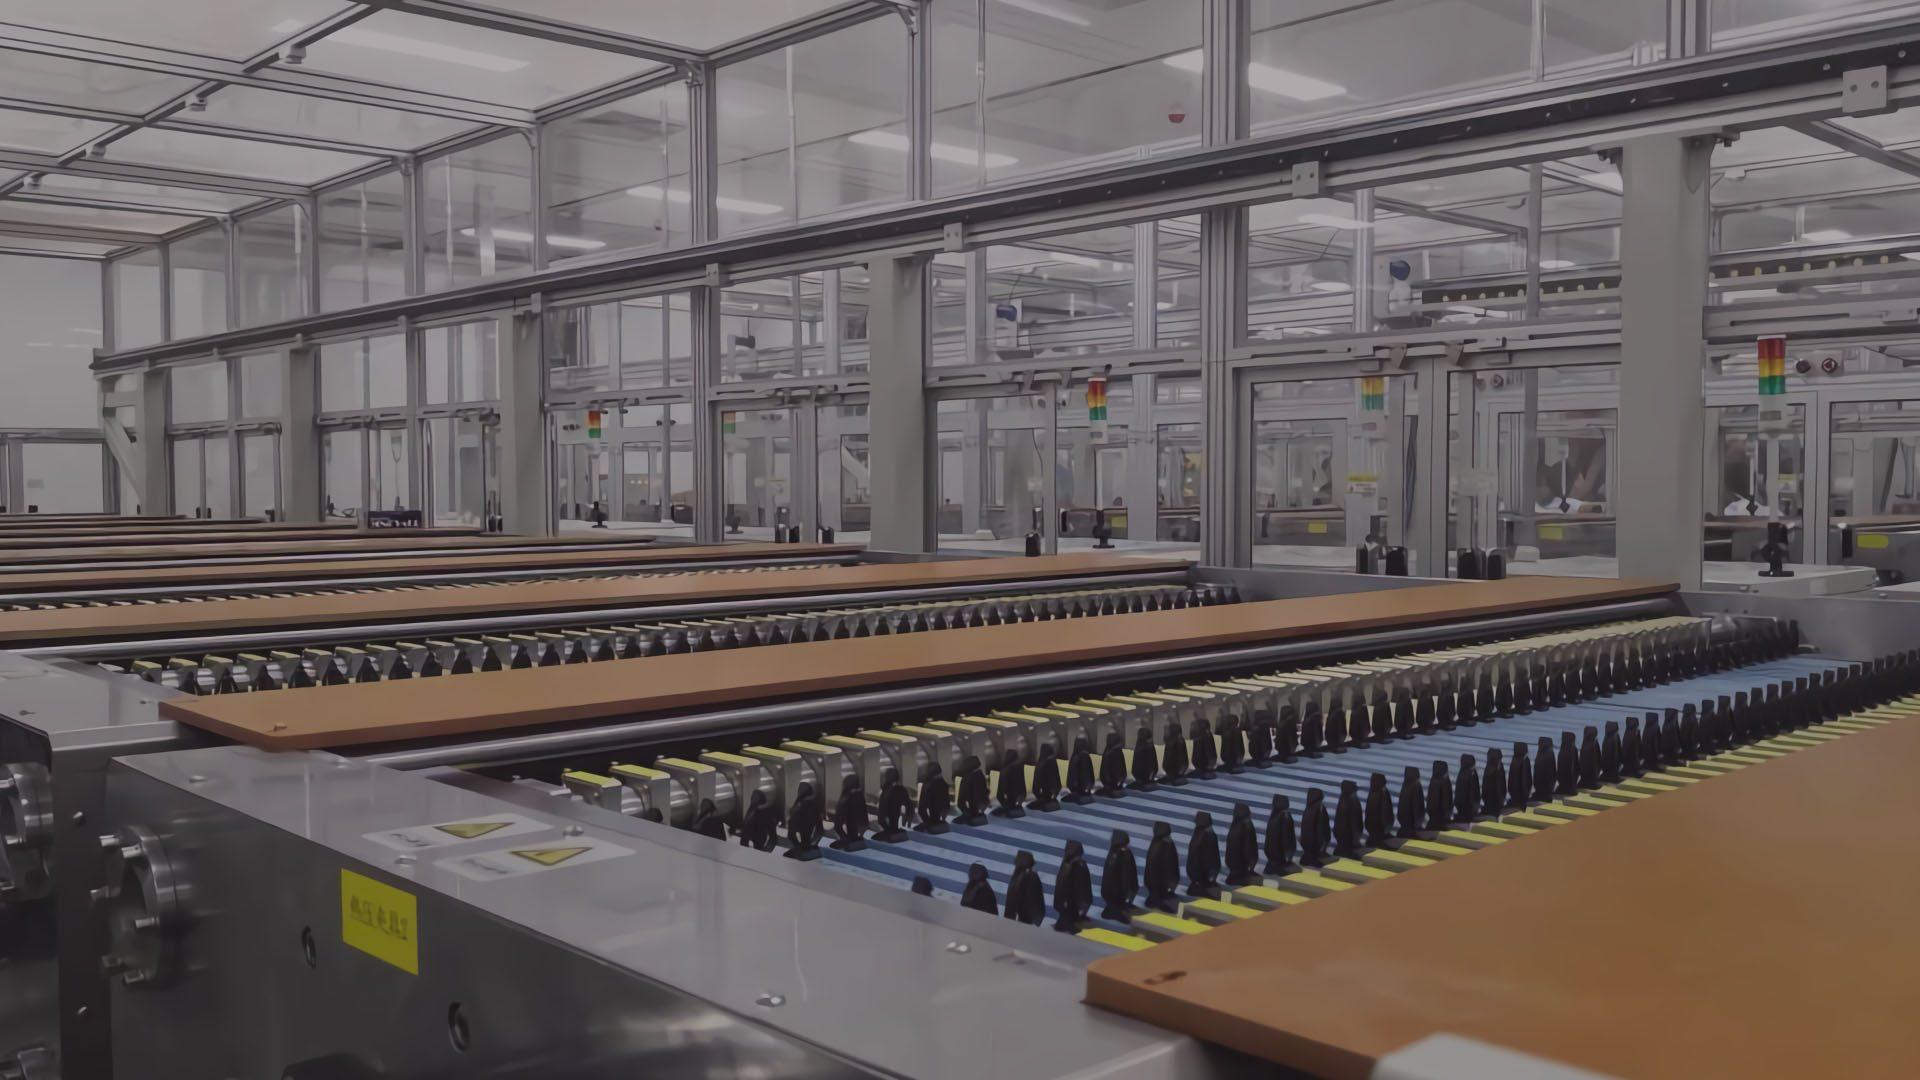 深圳新威尔-电池测试仪丨电池实验室测试设备丨动力电池测试柜丨自动化生产线解决方案丨环境试验箱解决方案